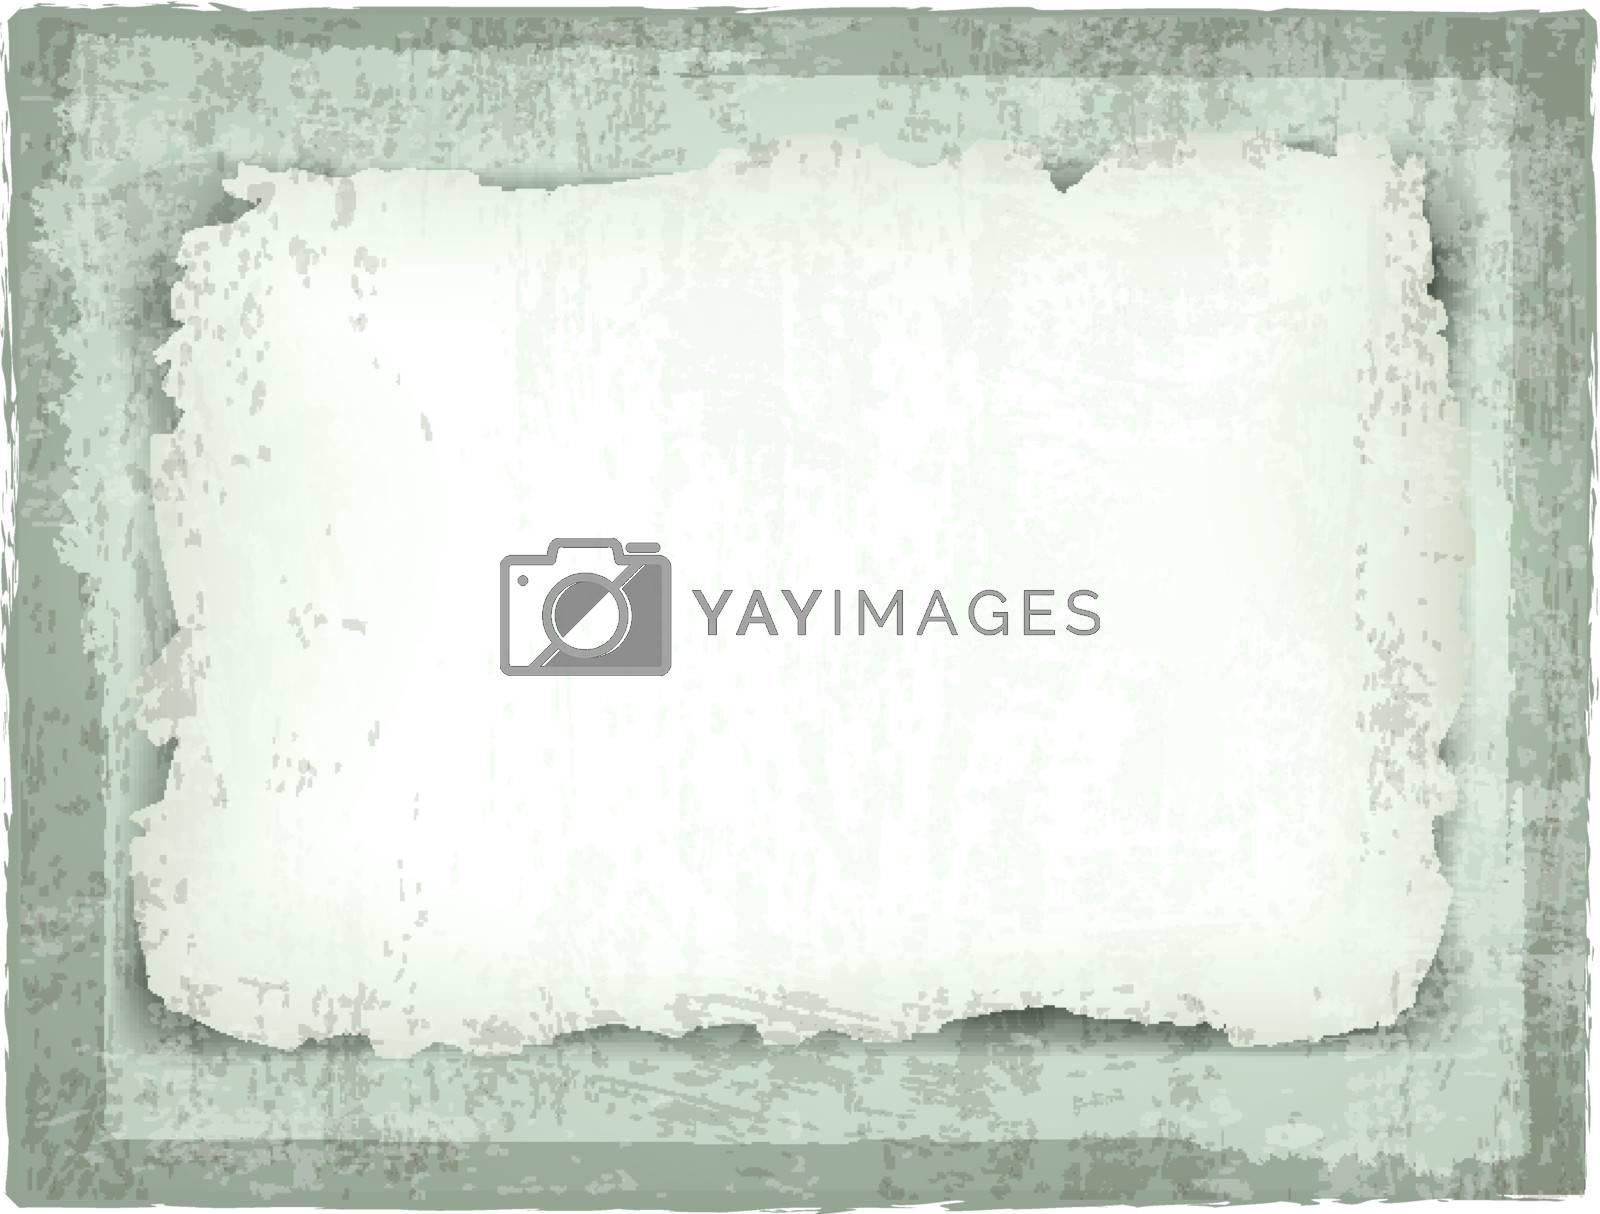 burned paper over grunge background